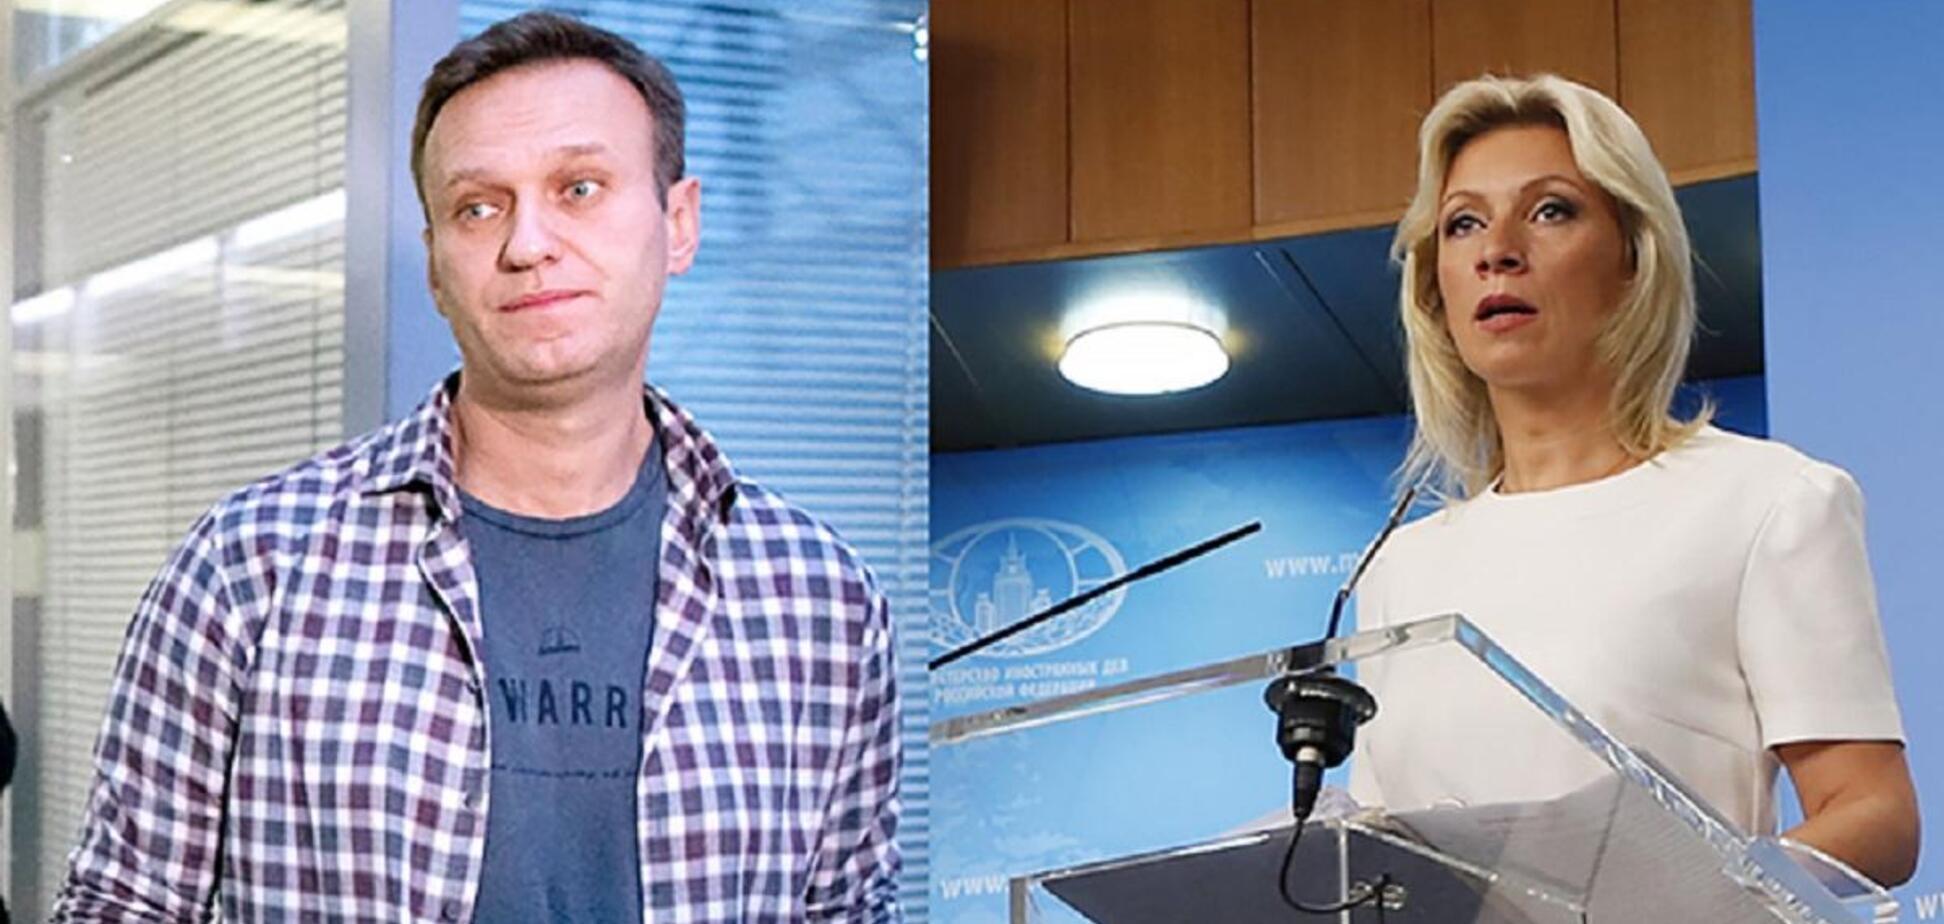 Захарову могут уволить из МИД из-за Навального: в России разгорелся скандал